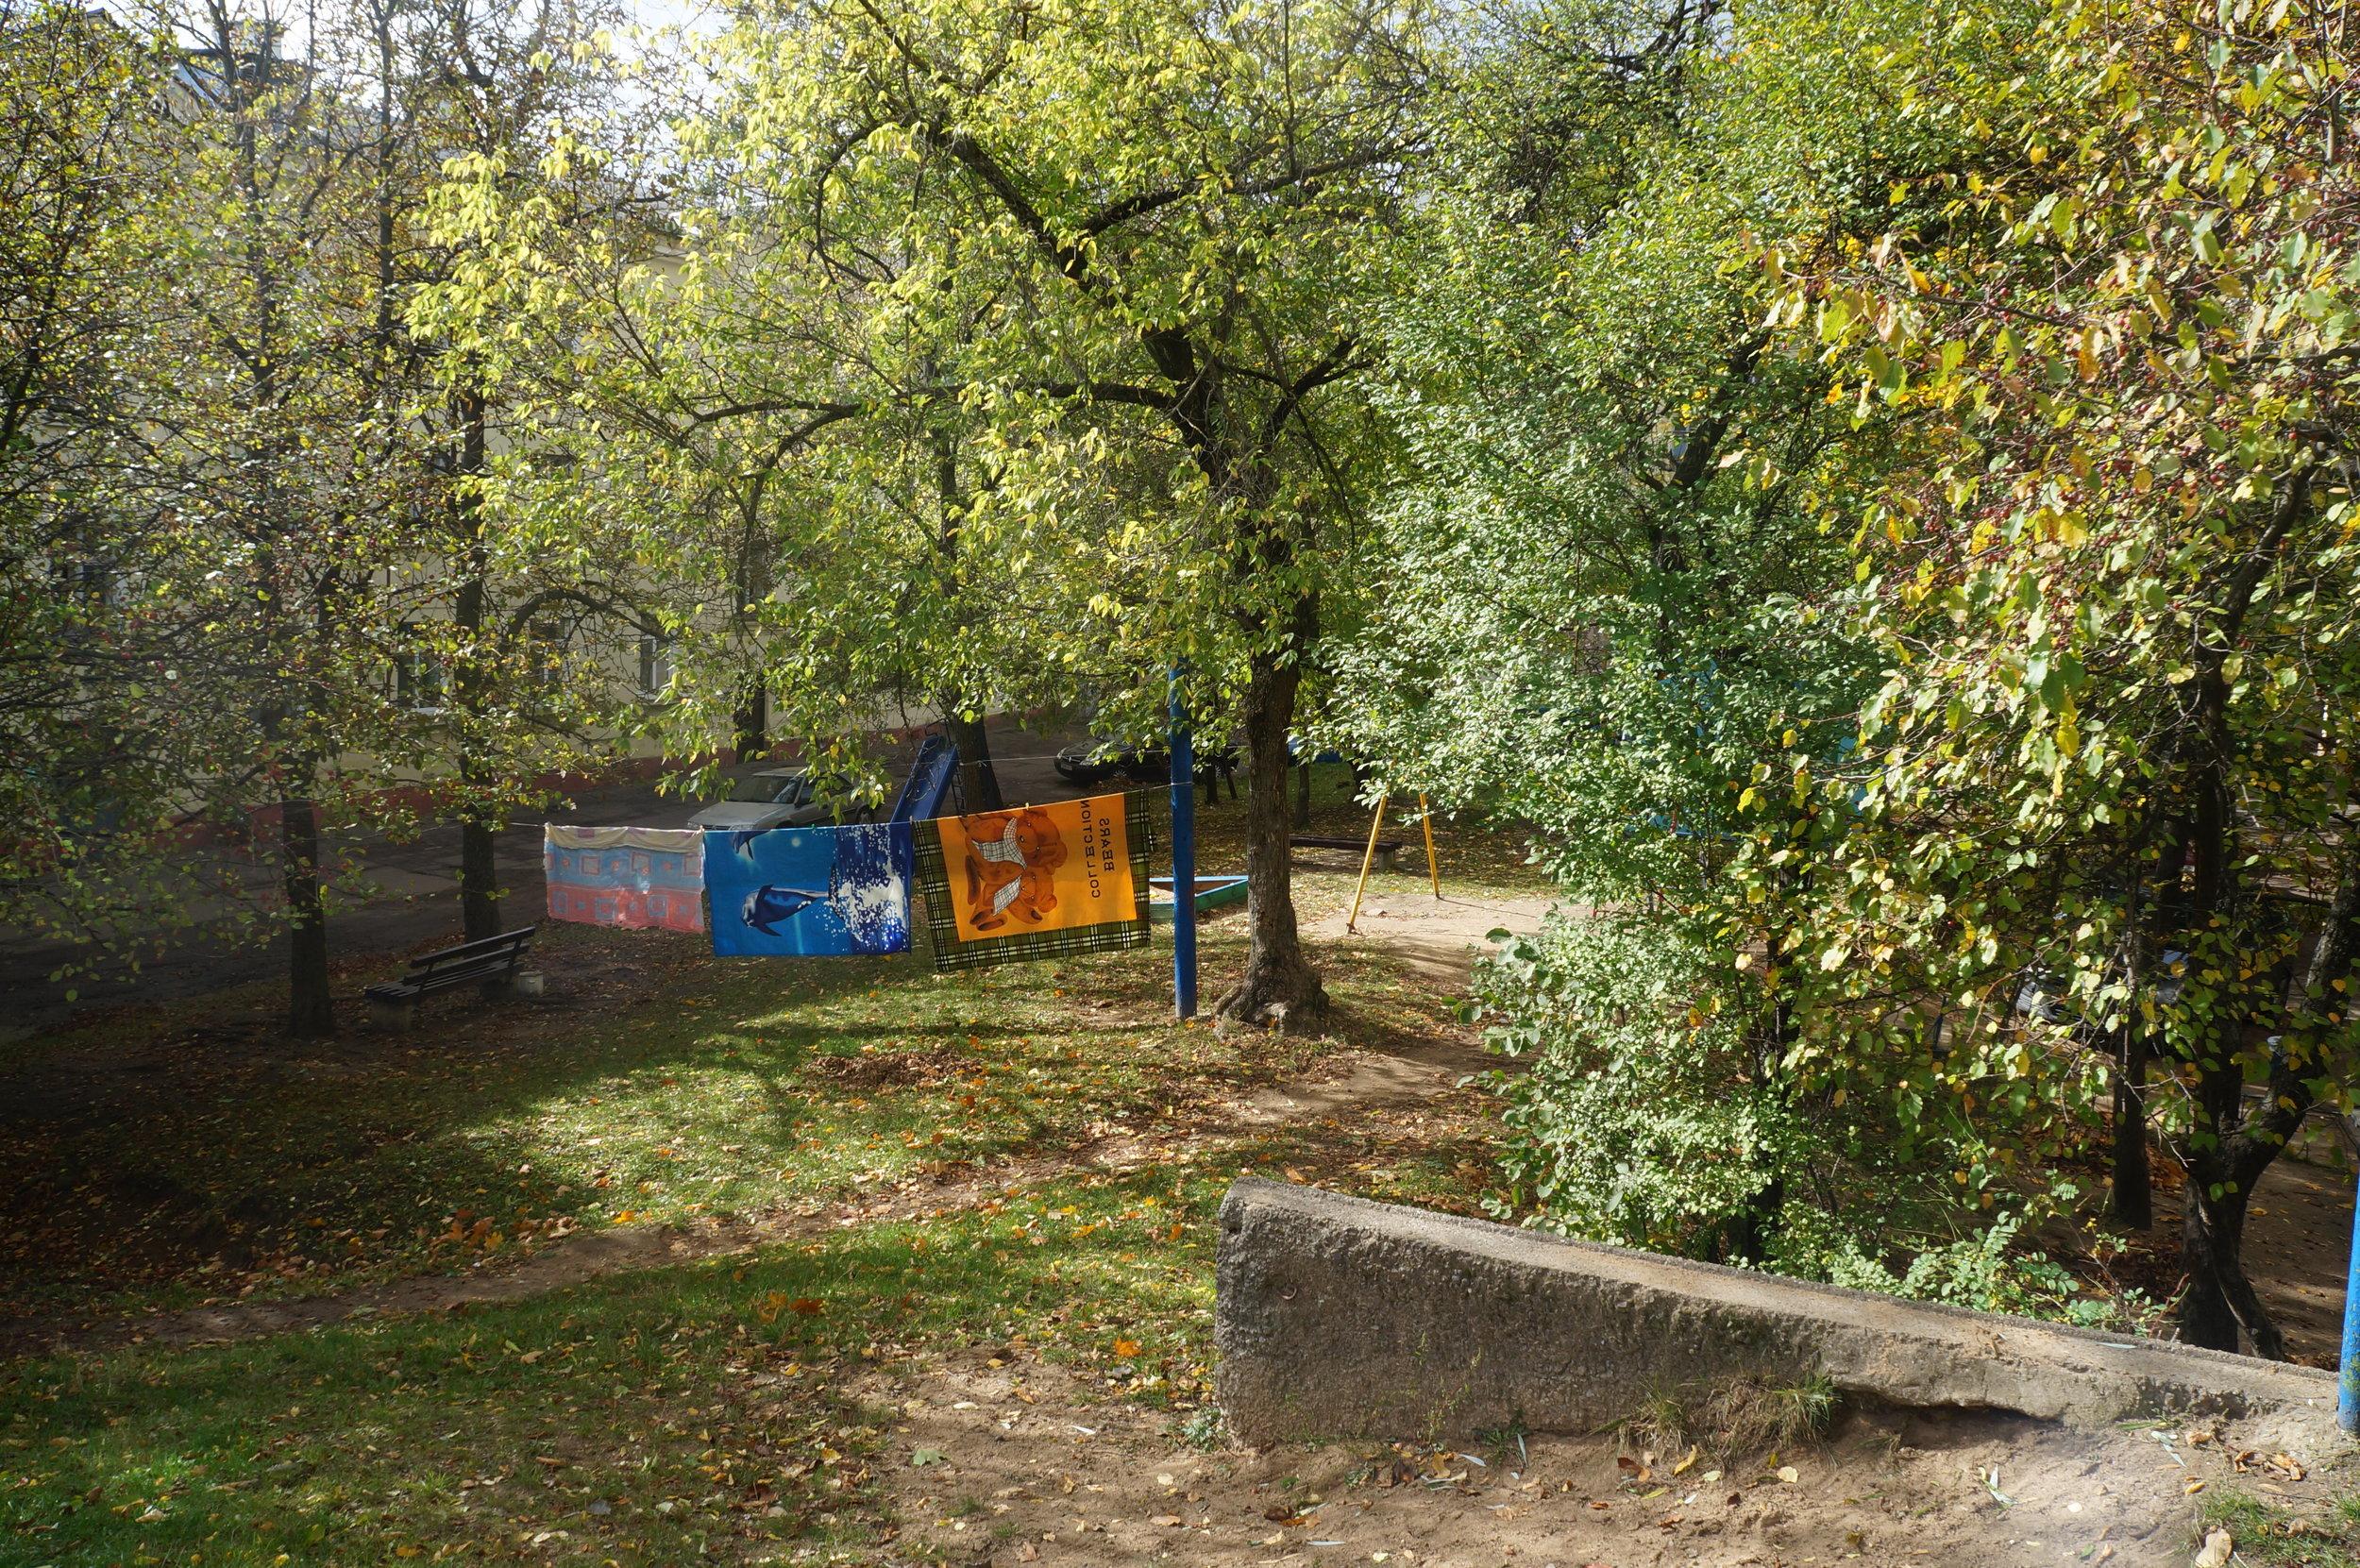 Old custom to hang the laundry in the courtyard, photo: Ndzeya_TsaranokJPG